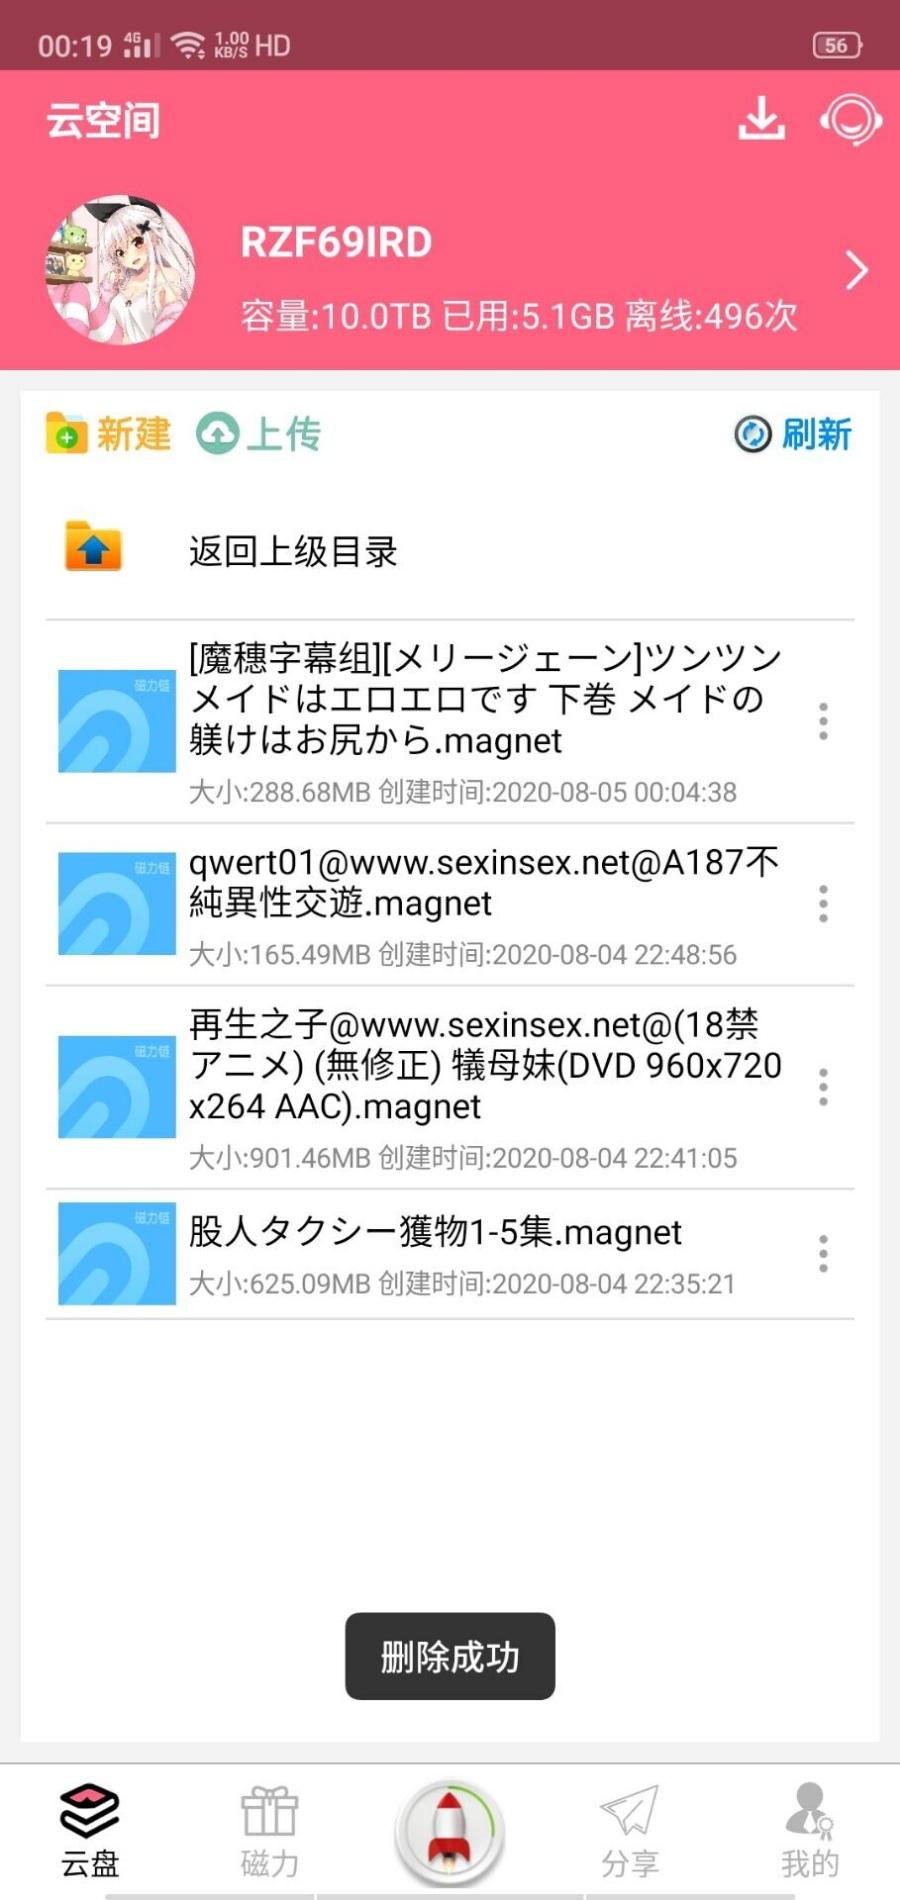 【白嫖】【软件推荐】磁力云破解版 安卓